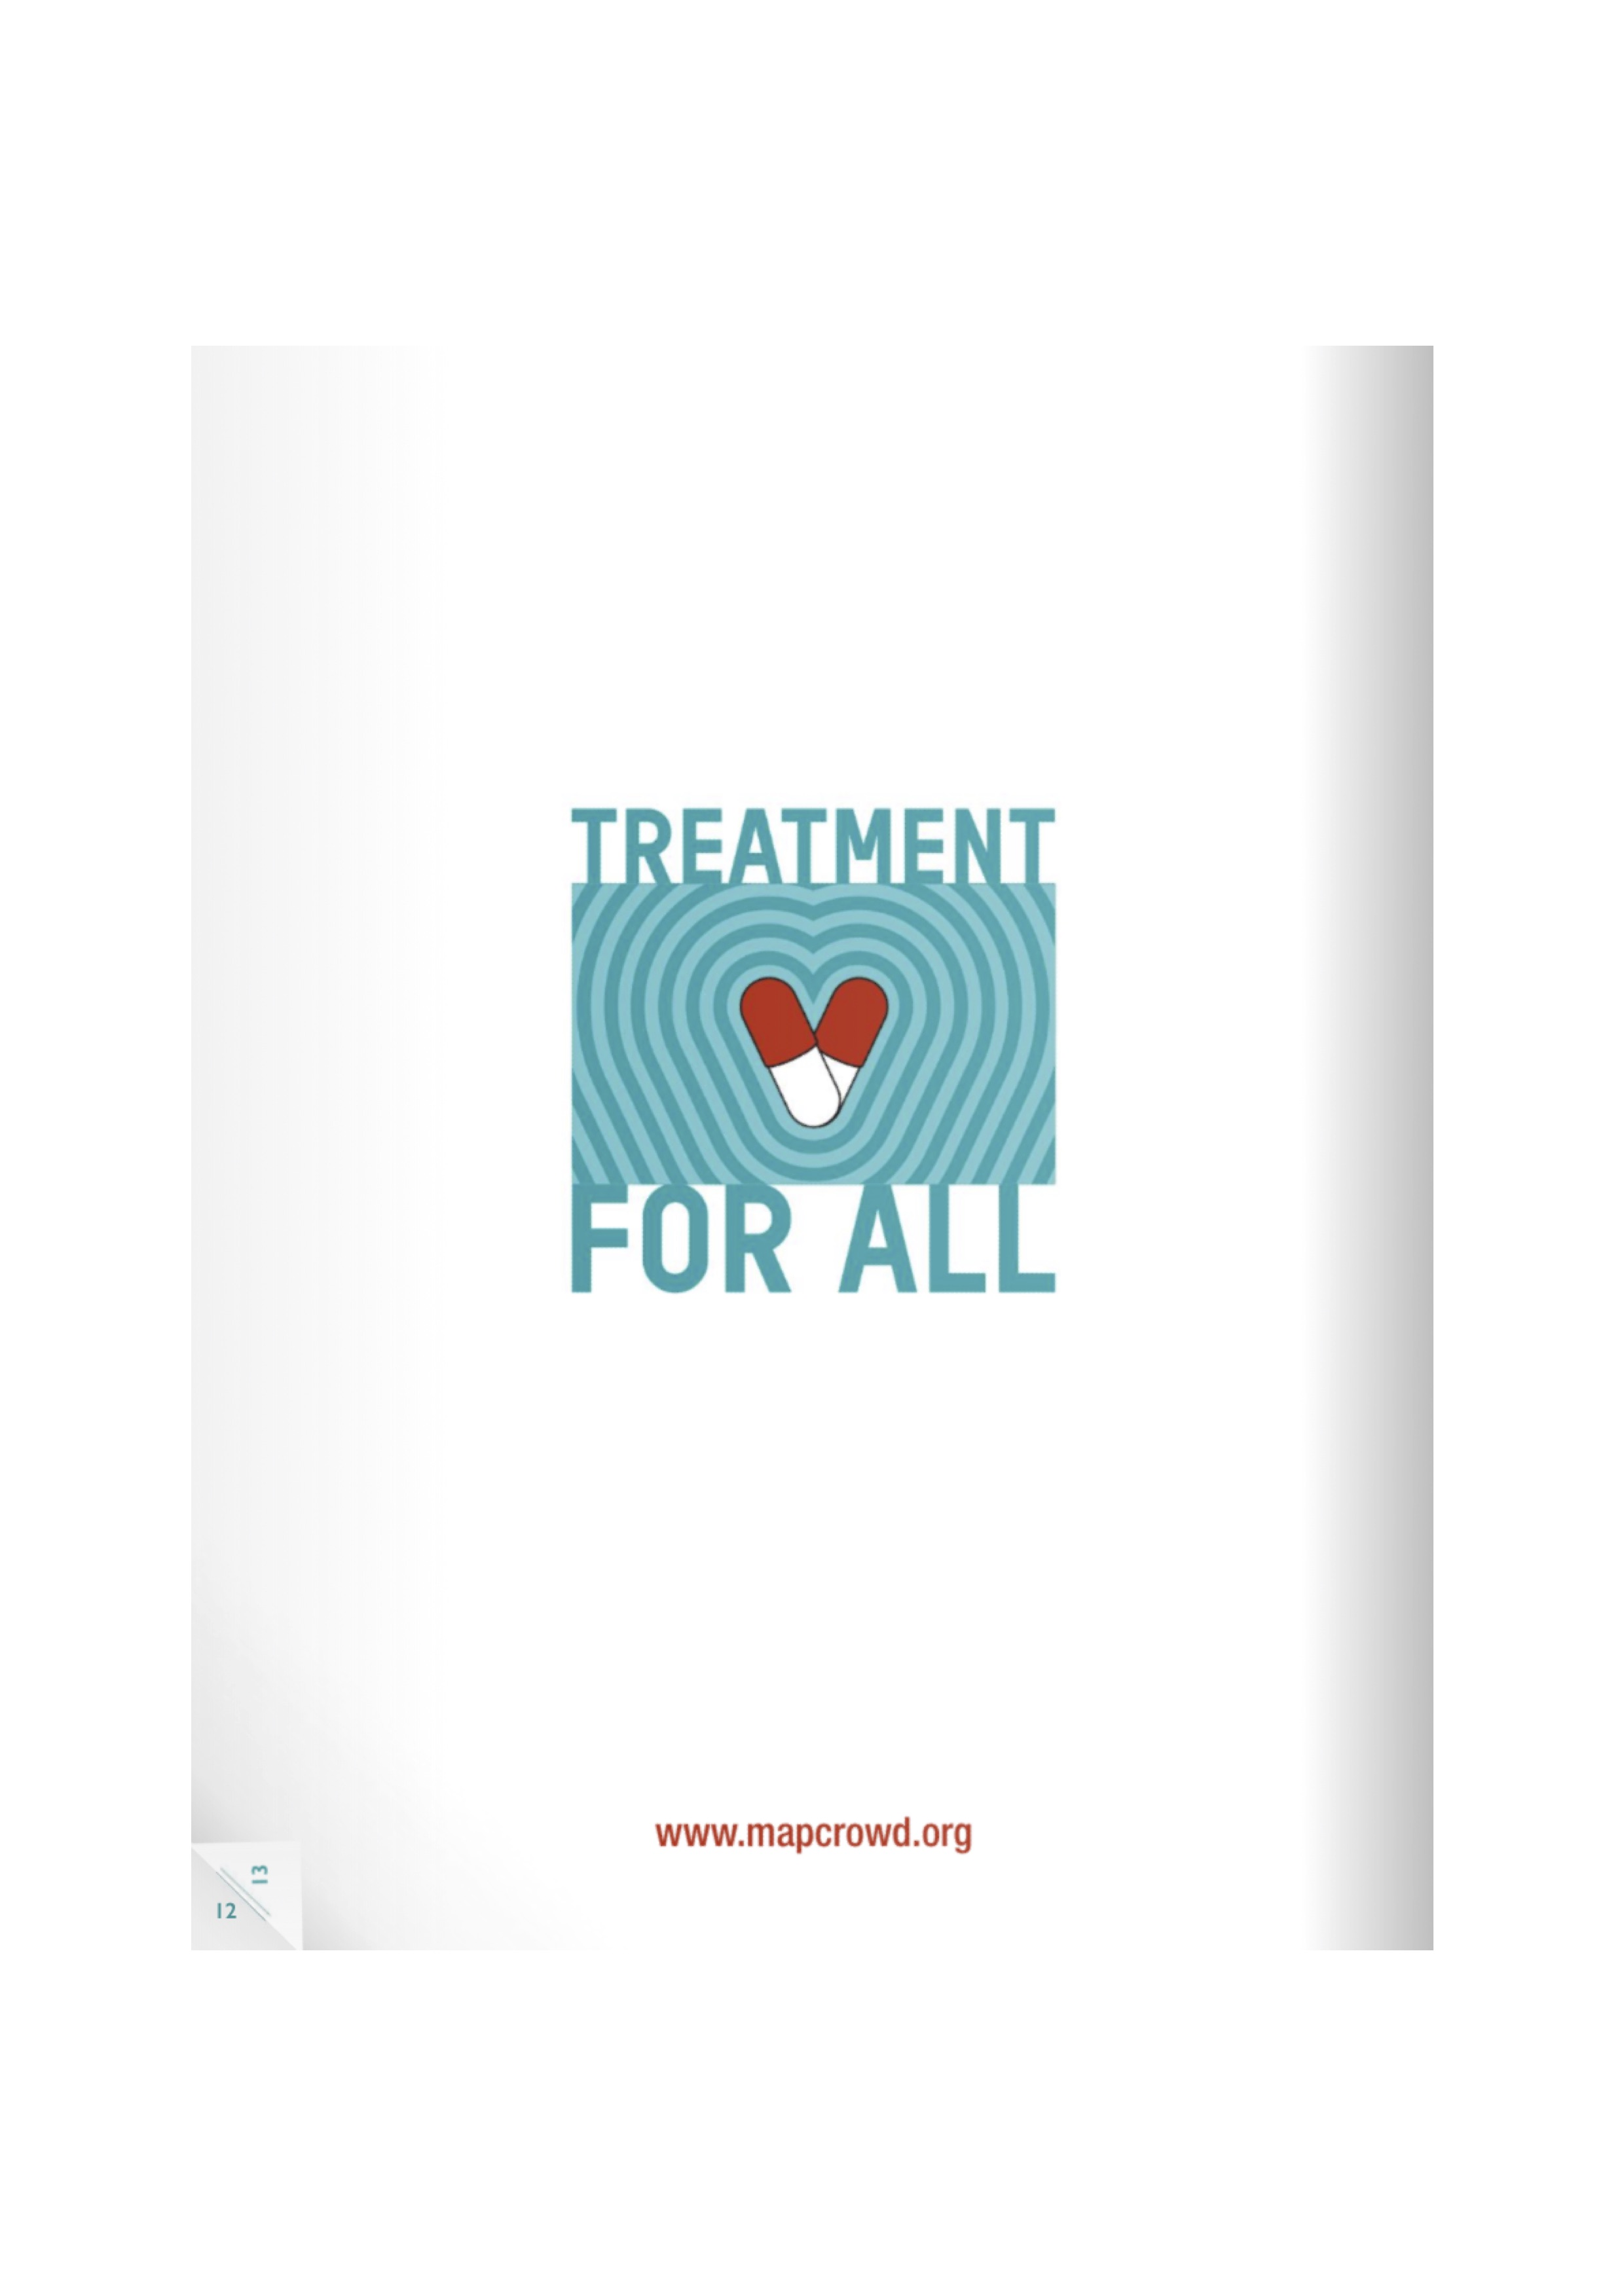 Accés al tractament d'hepatitis C i cures de persones que s'injecten drogues: desatenent a les persones més desproporcionadament afectades